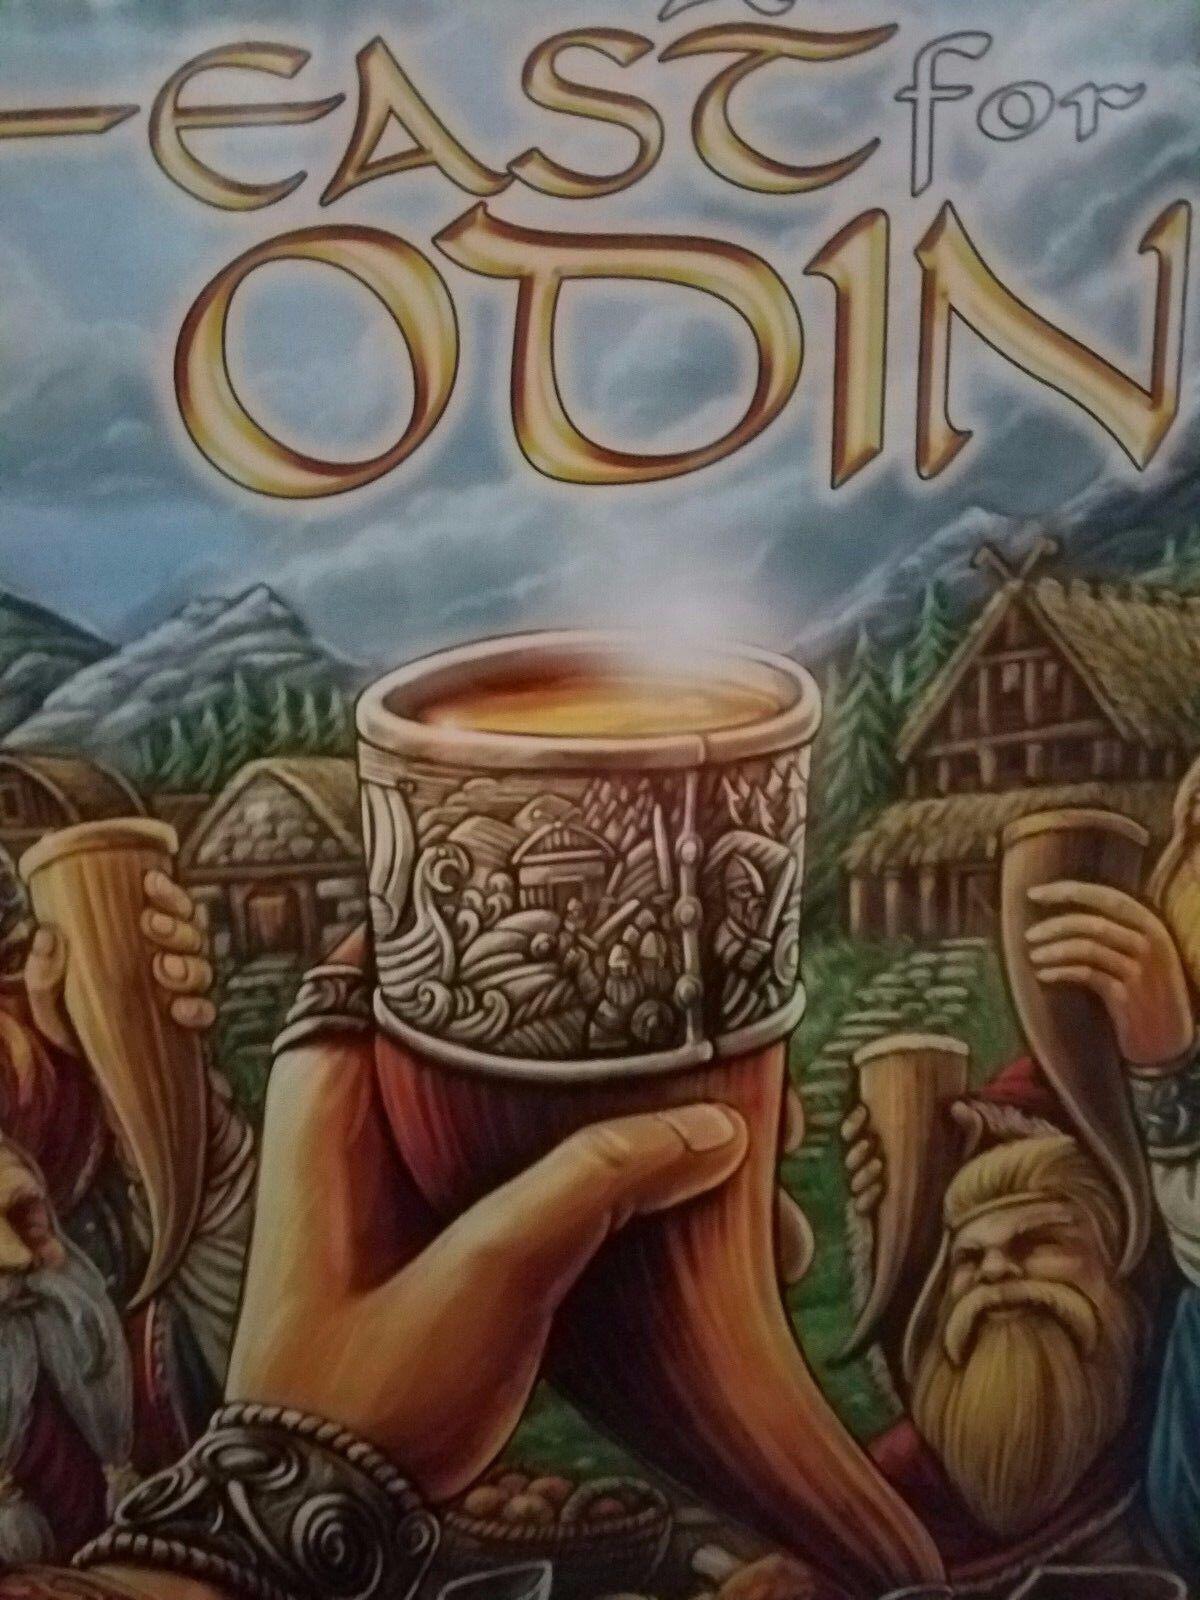 envío gratuito a nivel mundial Una fiesta para Odin-Z-Man Juegos Juego Juego Juego De Mesa  nuevo   bajo precio